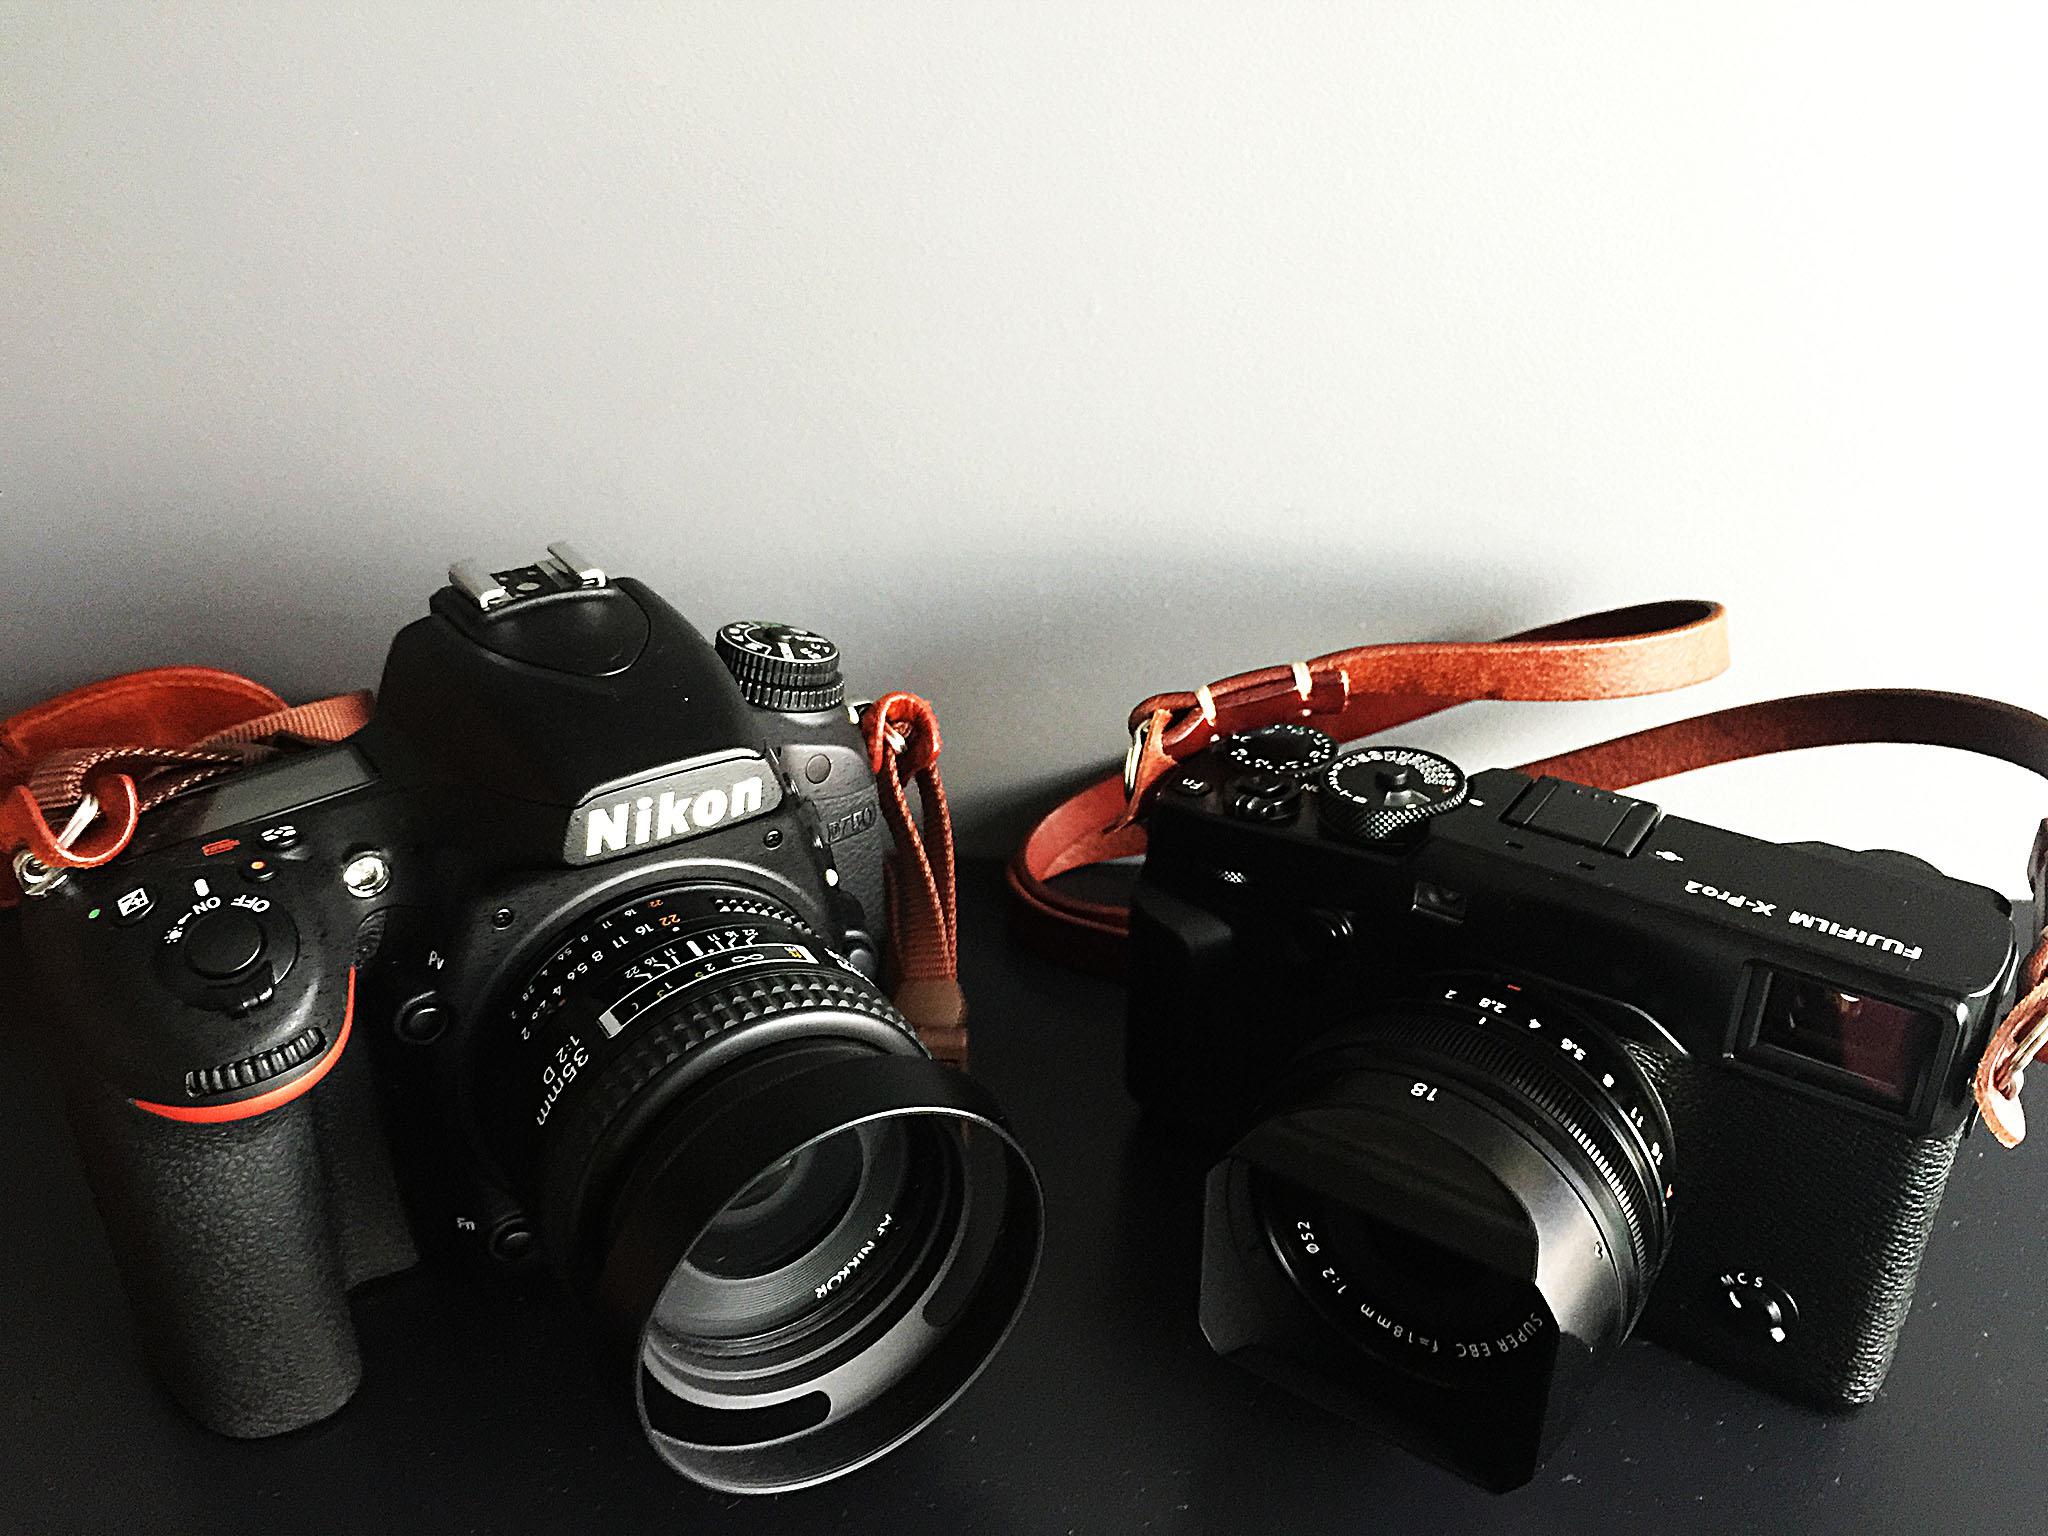 Nikon D750 VS X-Pro2